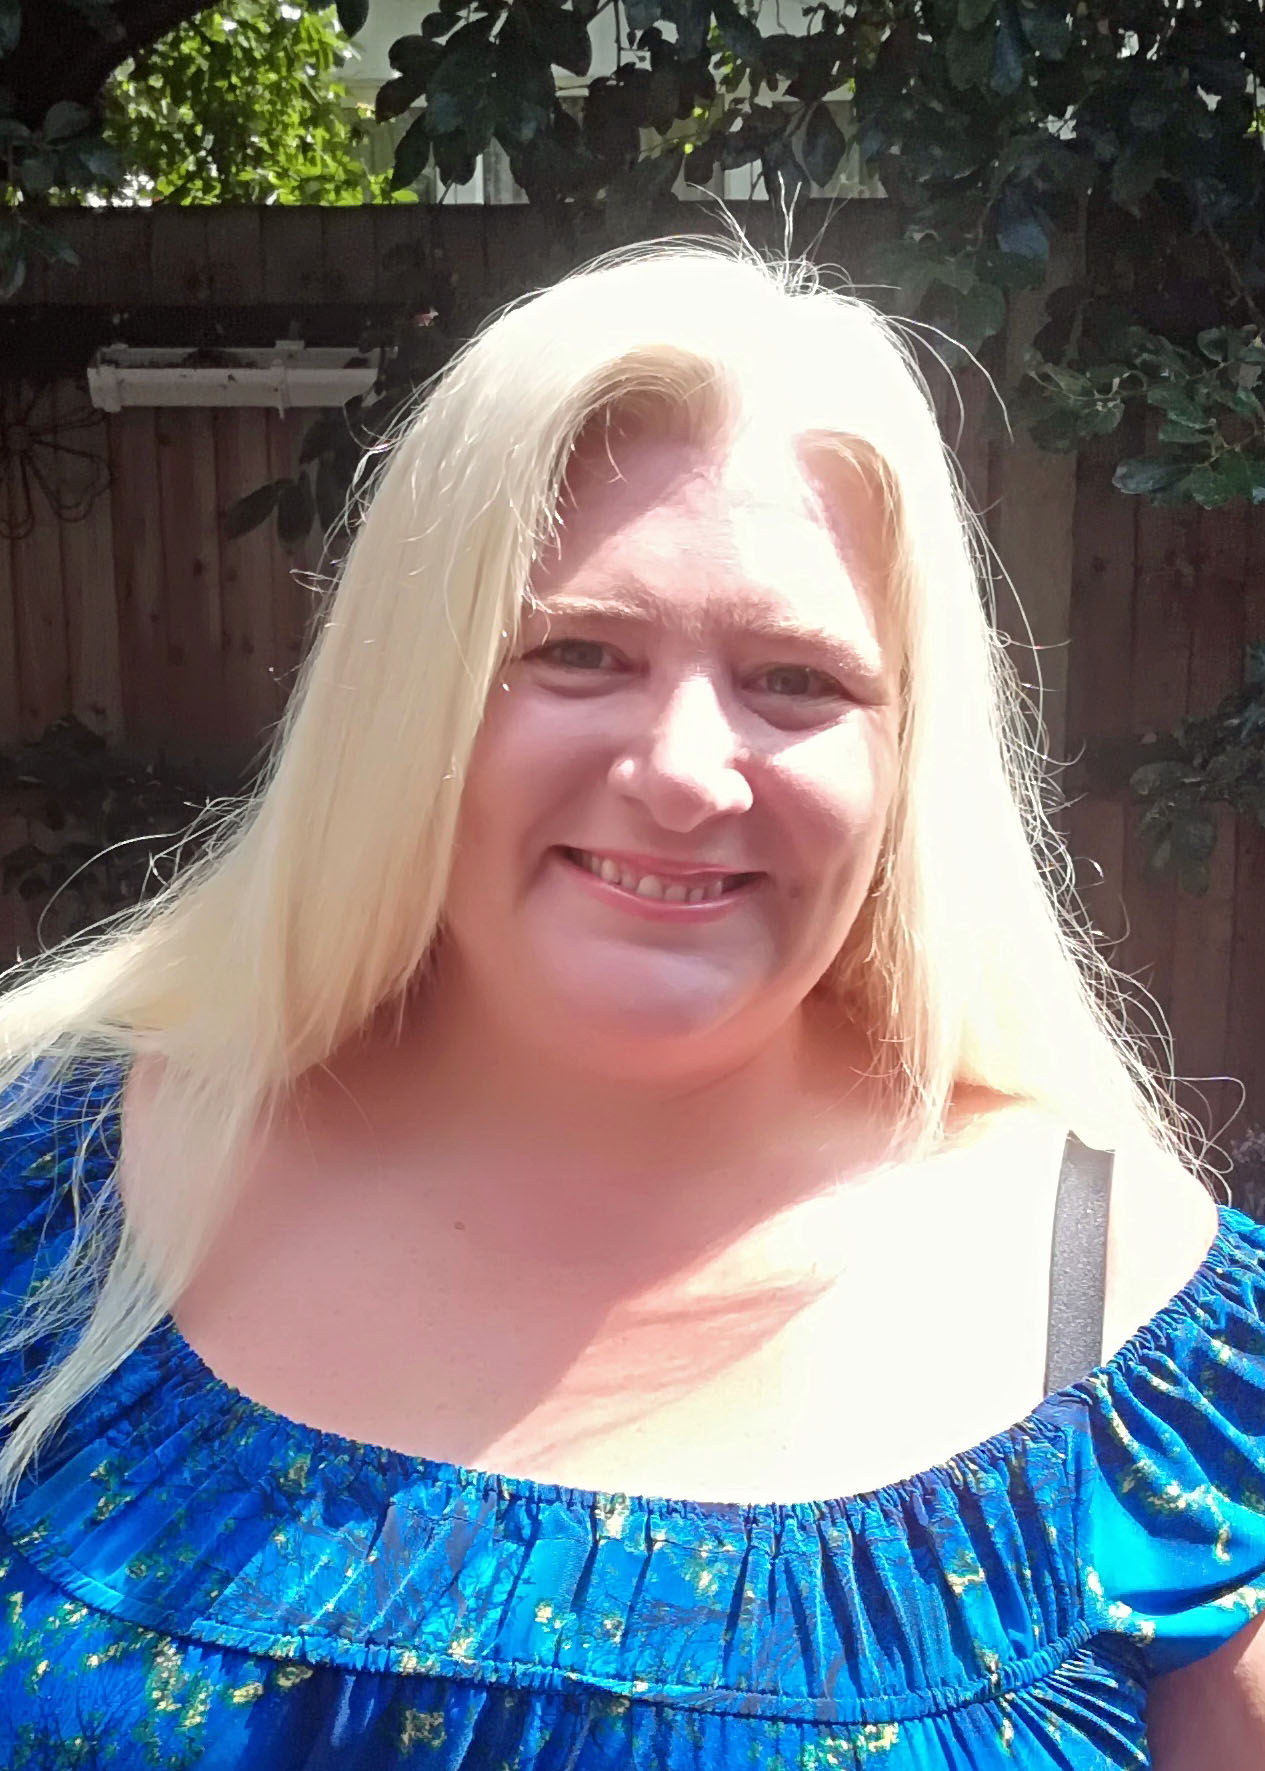 Nicole Fitzpatrick